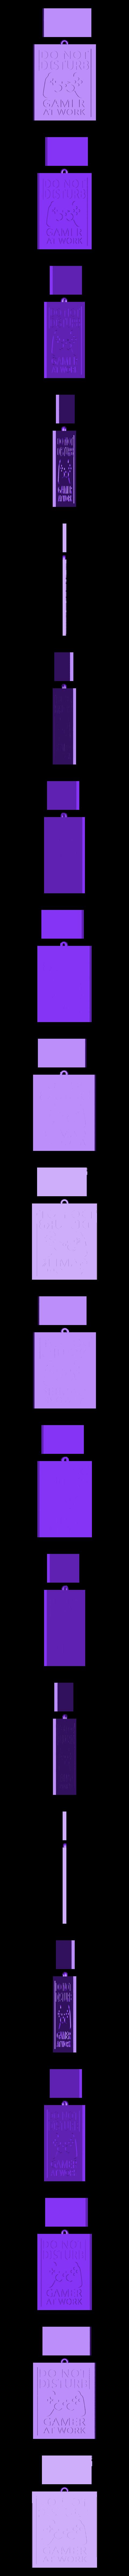 GAME_KEYCHAIN.STL Télécharger fichier STL gratuit PORTE-CLÉS JOUEUR • Objet à imprimer en 3D, 3dlito